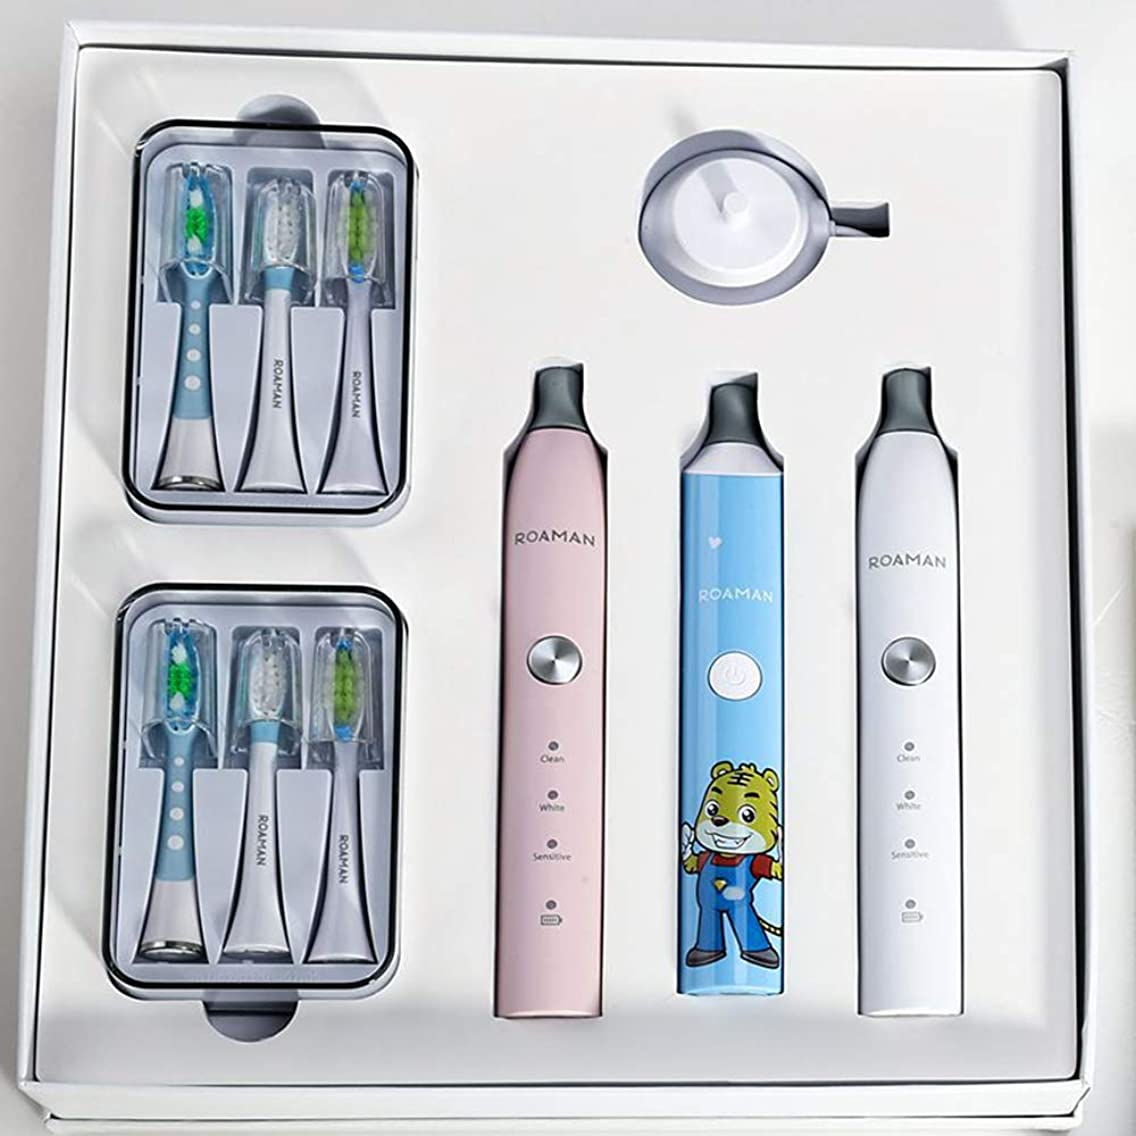 発明する水素いっぱい歯ブラシファミリーセット高級ギフトボックス歯ブラシ大人子供歯ブラシコンビネーションセット歯ブラシ